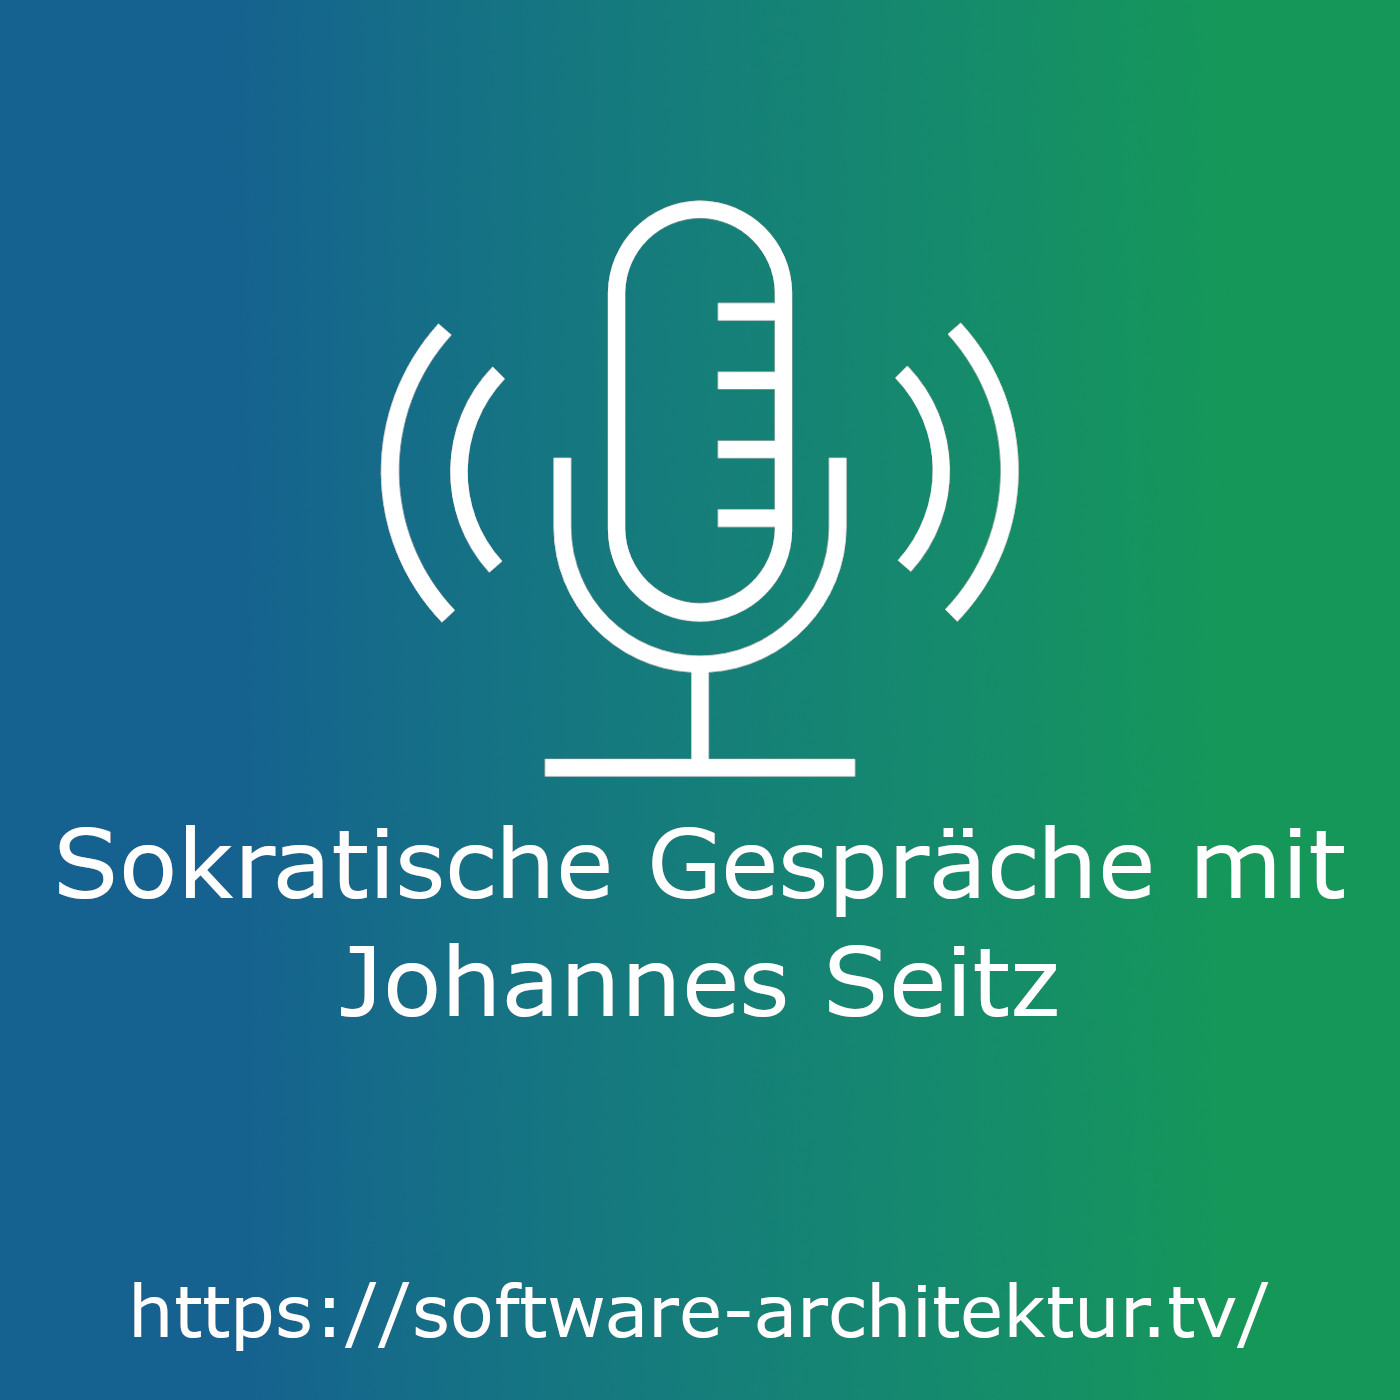 Sokratische Gespräche  für Software-Architektur-Beratung und -Training  mit Johannes Seitz